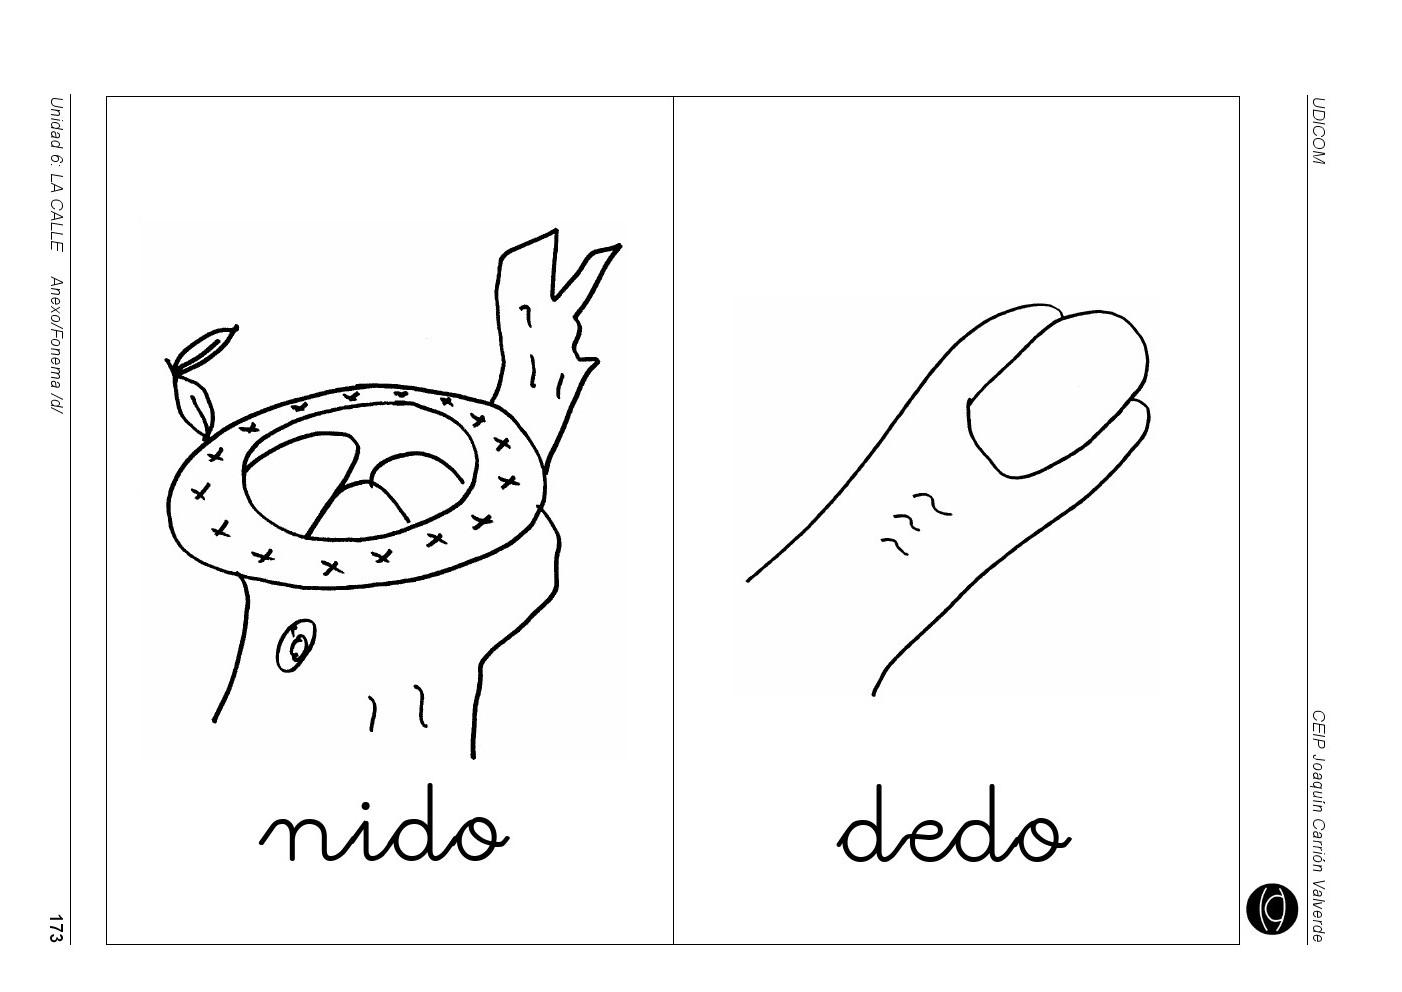 dibujos para colorear que empiecen con la letra d